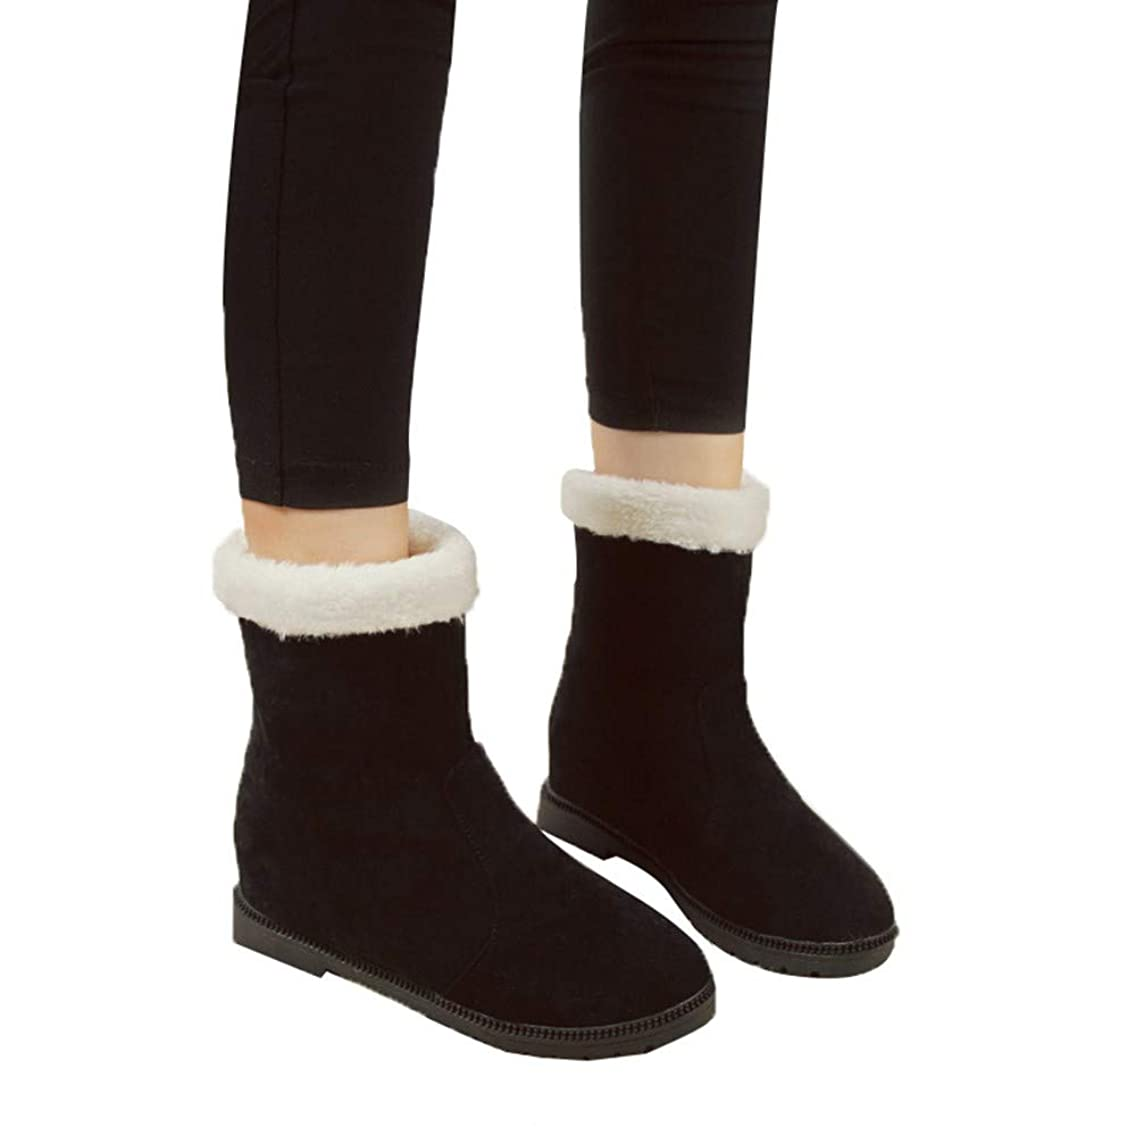 影響を受けやすいですステッチゲートウェイ[ショートブーツ] レディース wileqep 春秋冬 スノーブーツ ブーツ マーチンブーツ 編み上げ ジッパー レースアップ 編み上げ 大きいサイズ プラッシュ コスプレ 痛くない 靴 スクエアヒール カジュアル 人気 可愛い 歩きやすい ぺたんこ靴